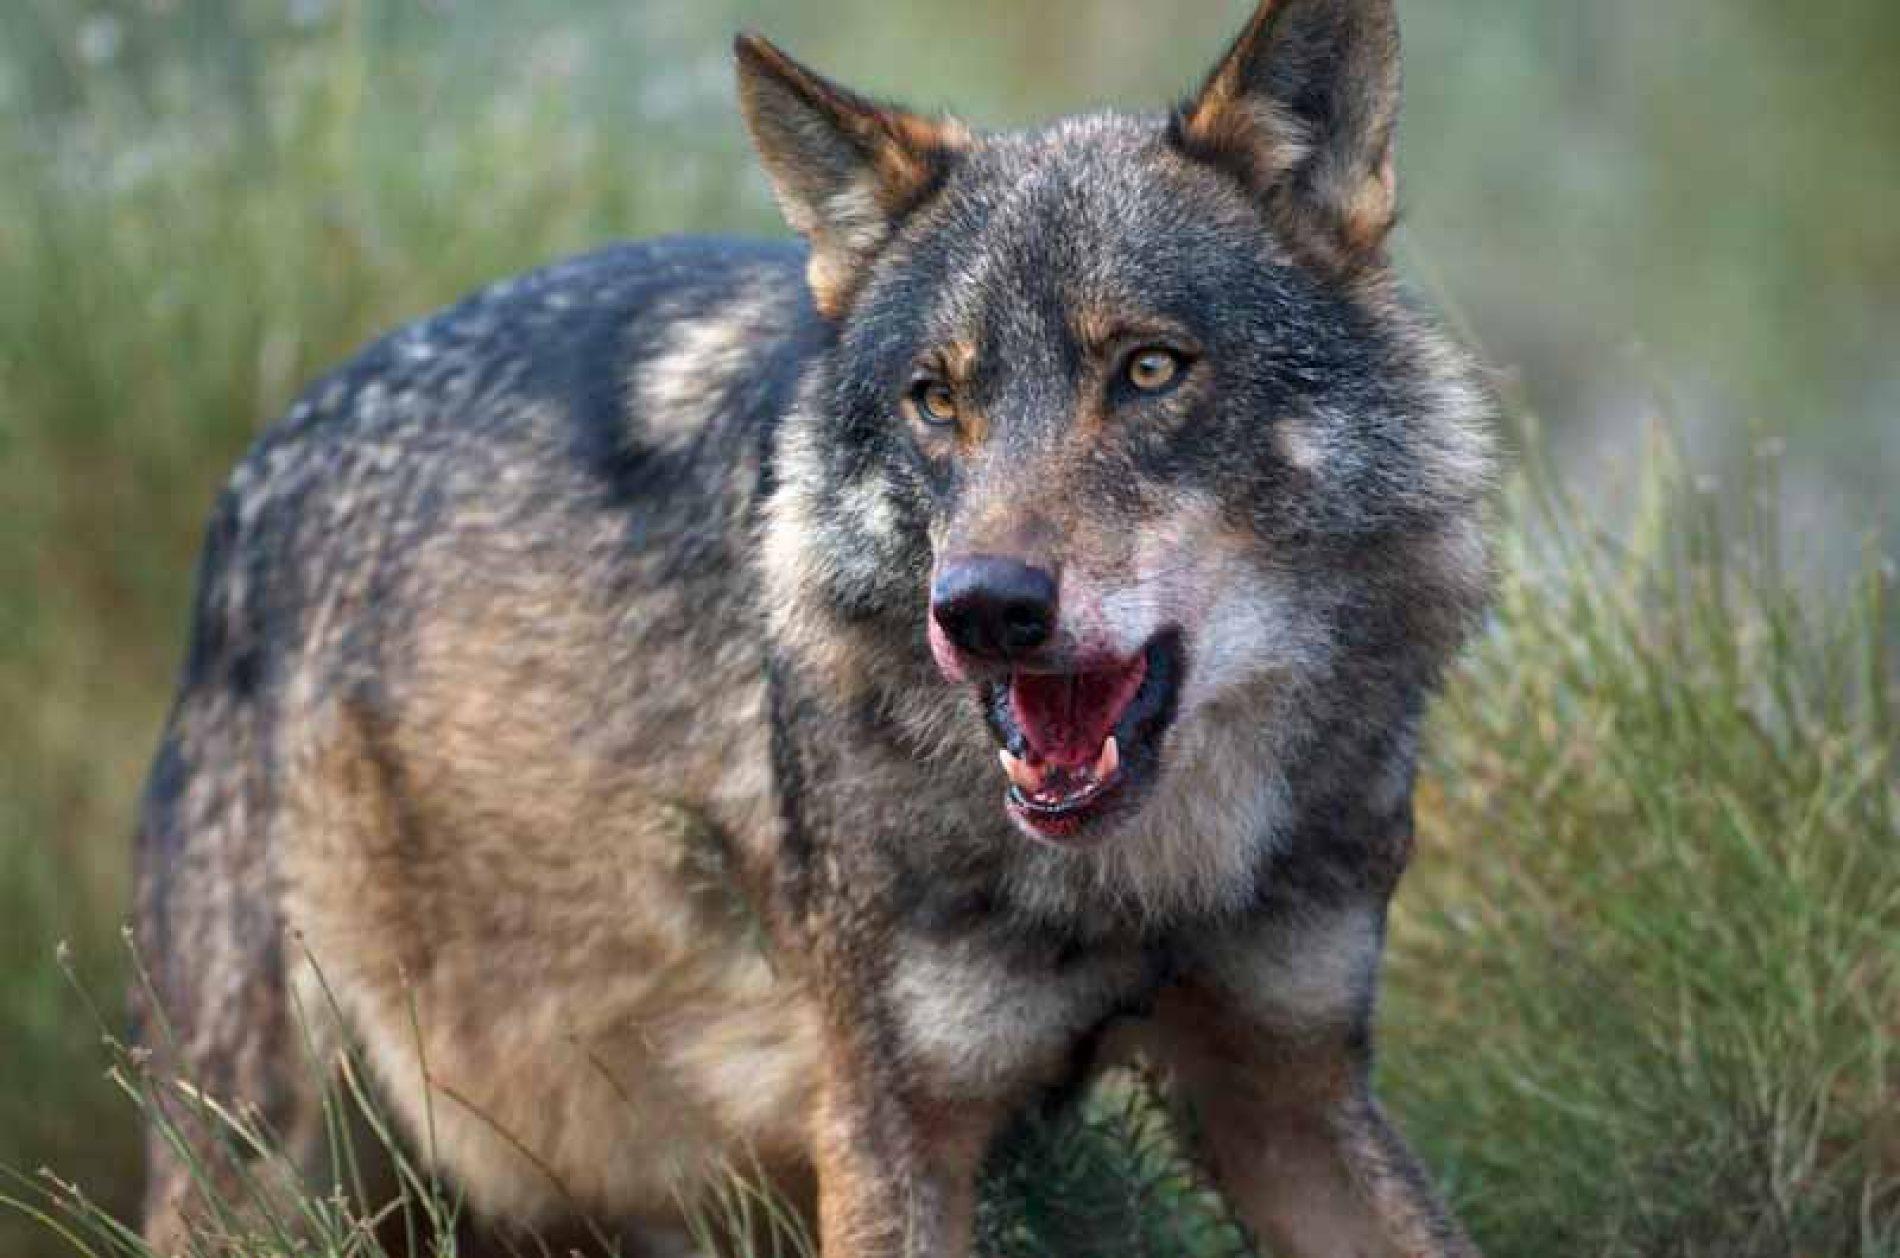 Artemisan emprende acciones penales contra un agente medioambiental que realiza graves acusaciones a cazadores y ganaderos